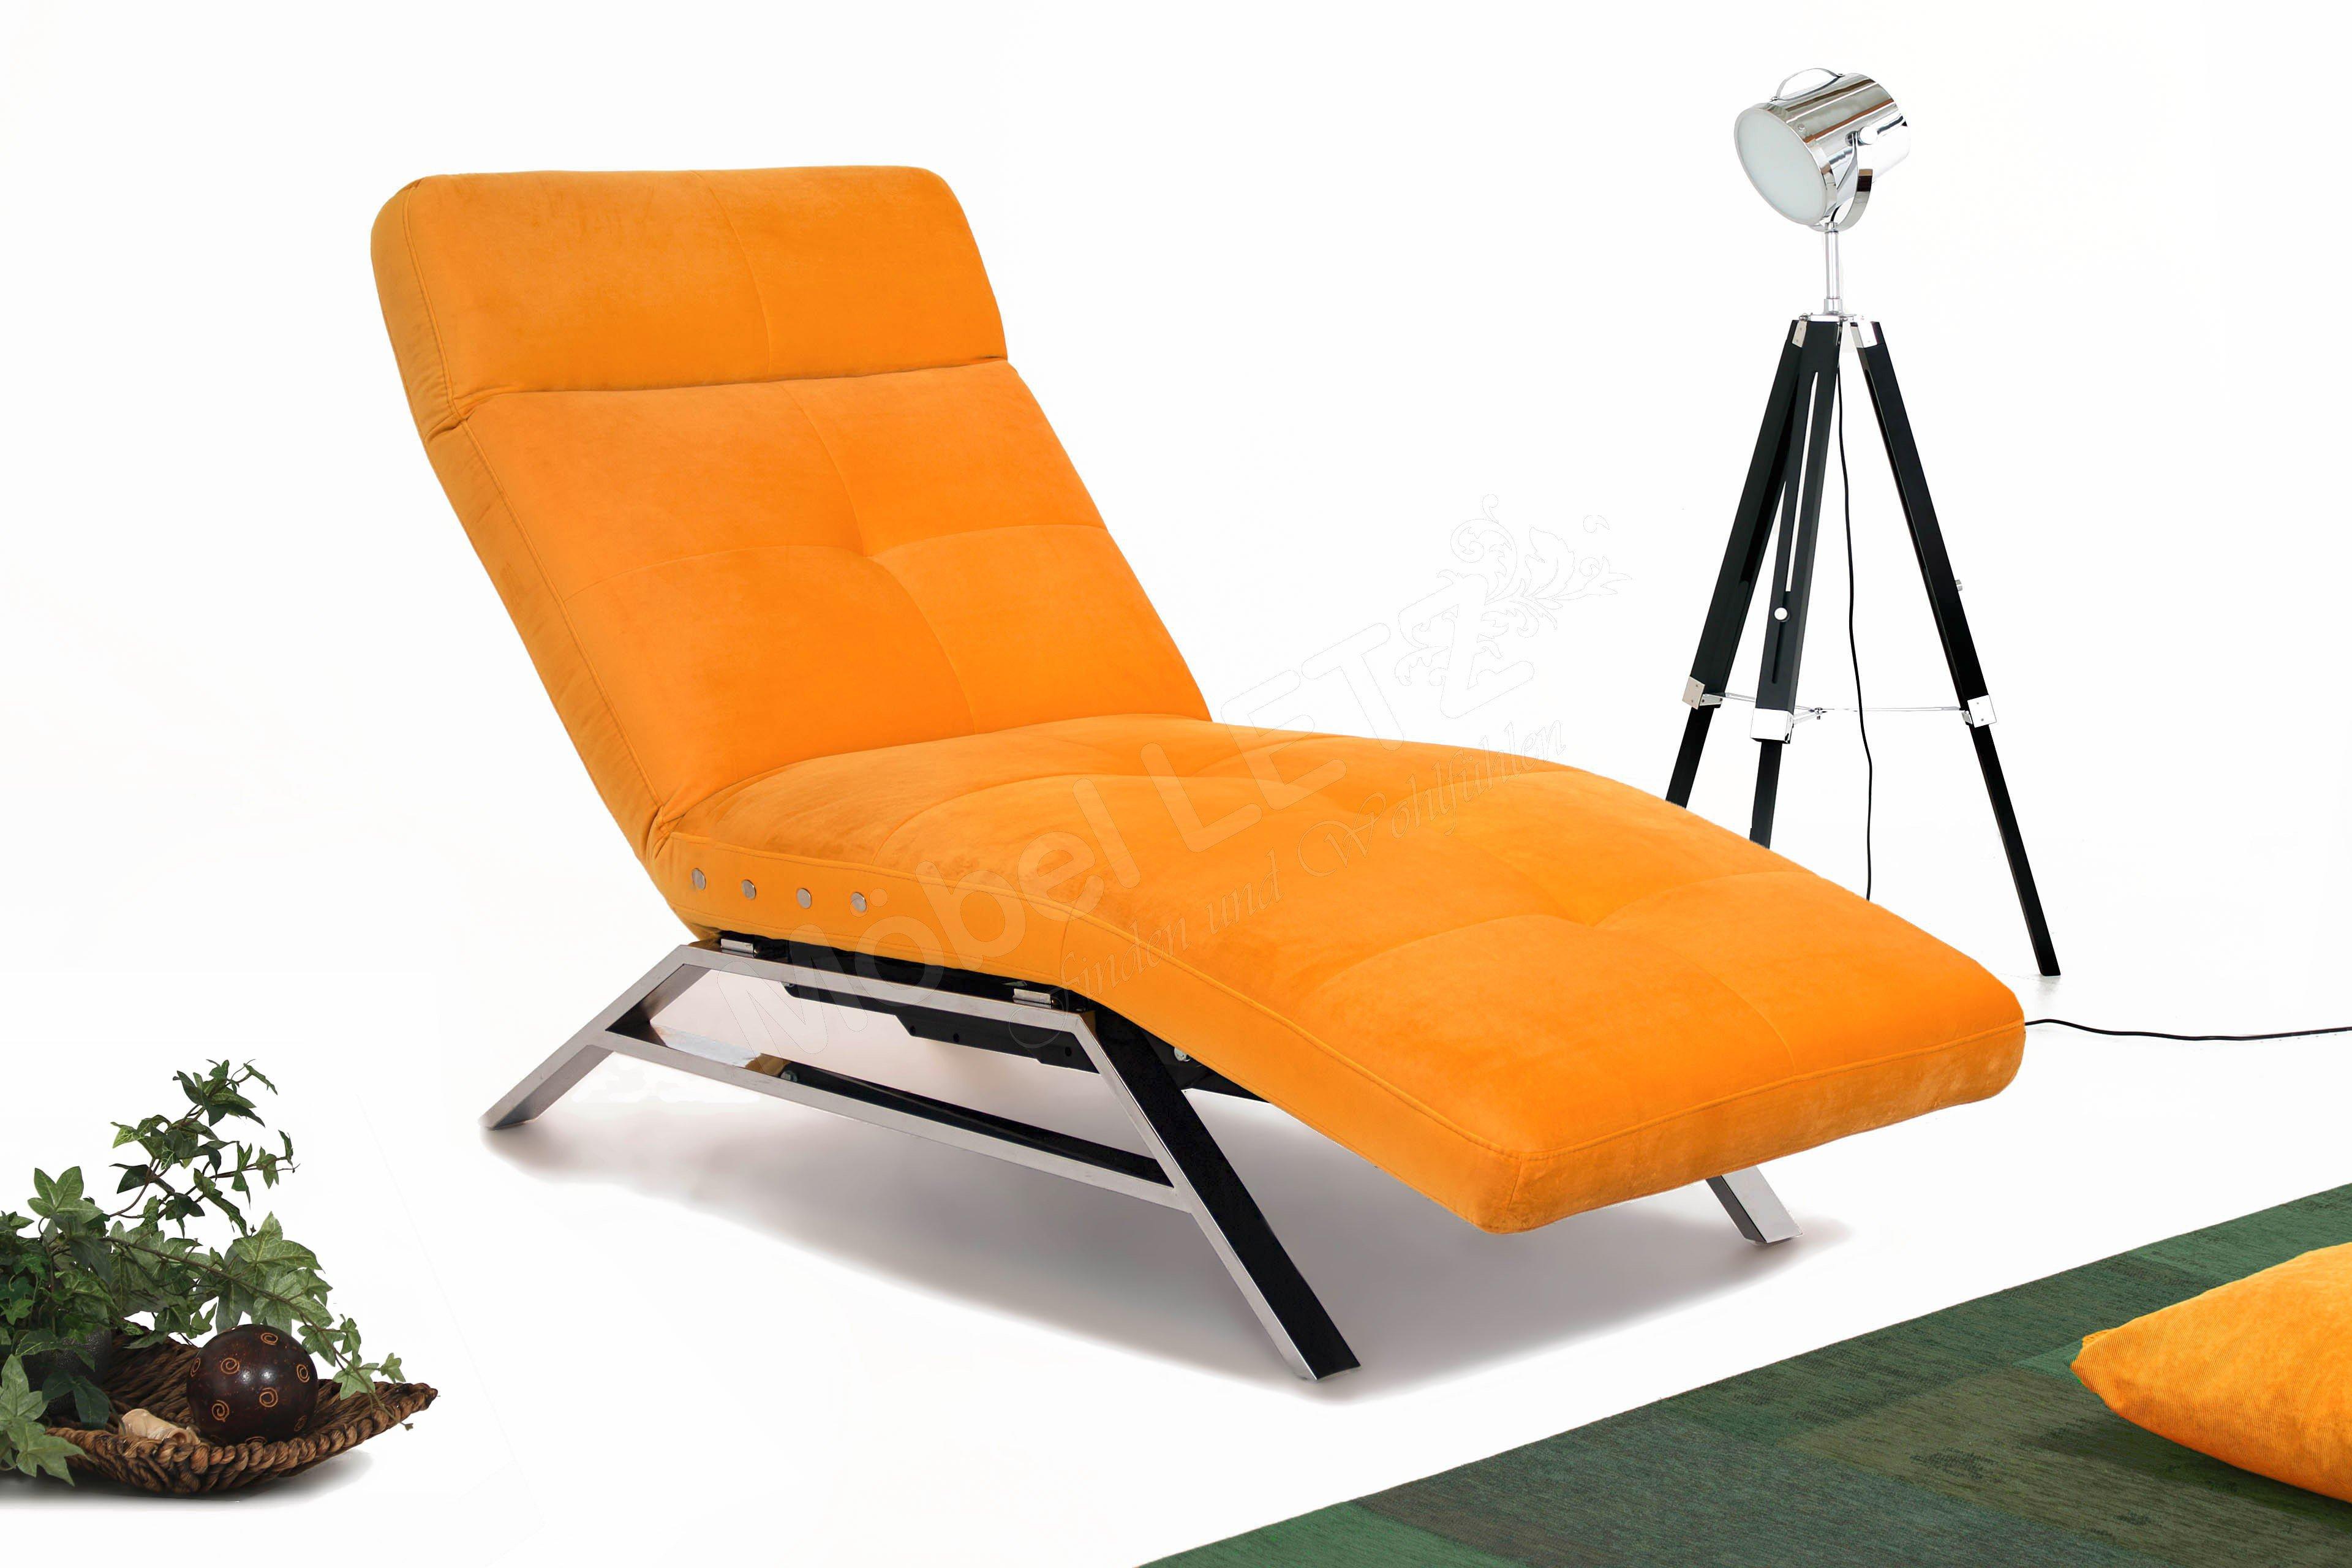 kollektion letz relaxliege gelb m bel letz ihr online shop. Black Bedroom Furniture Sets. Home Design Ideas